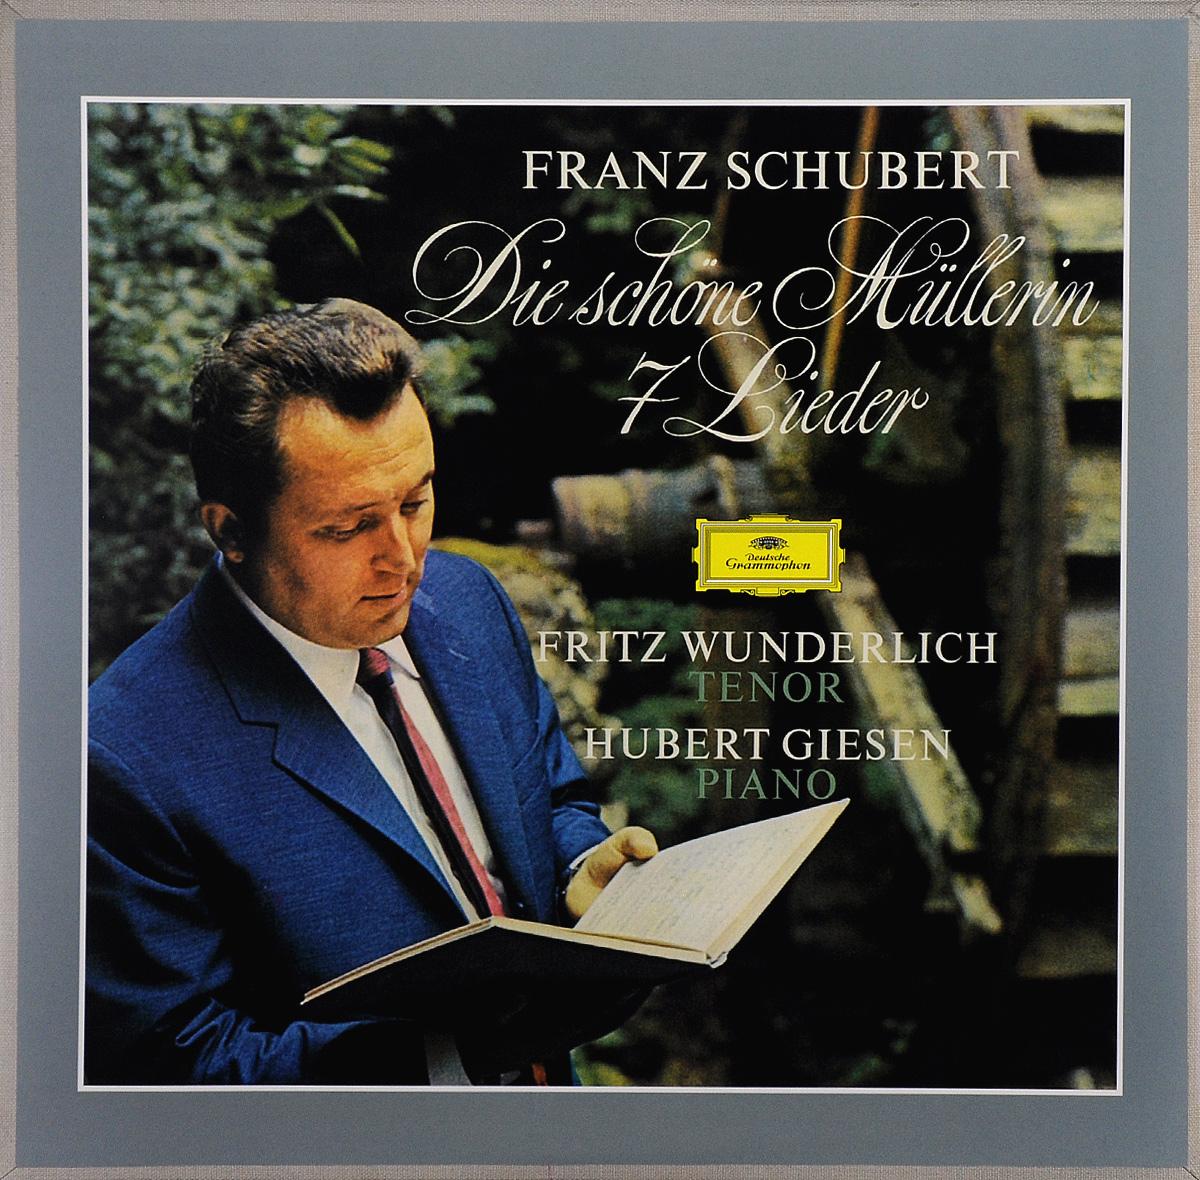 К изданию прилагается 20-страничный буклет с дополнительной информацией и текстами песен на английском, немецком и французском языках.